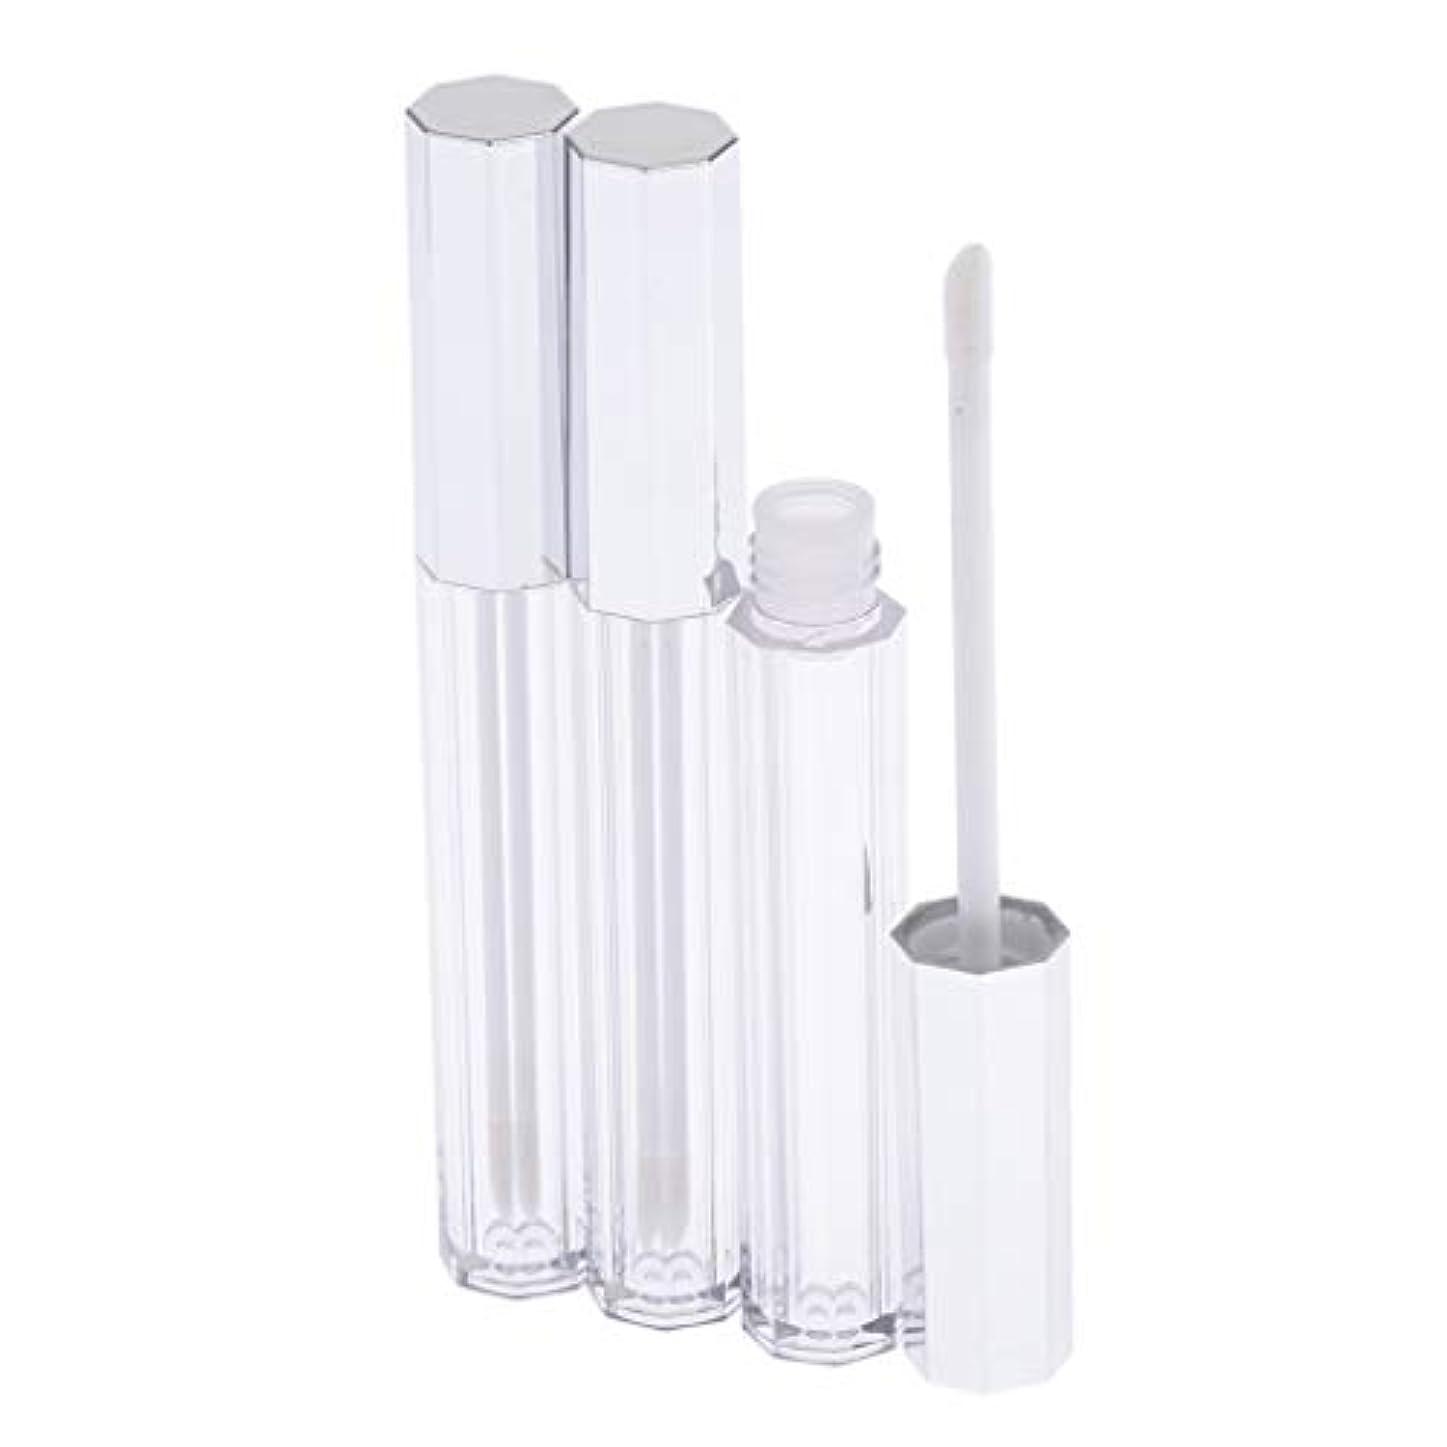 ギャンブルエンドウ香水リップグロス 容器 チューブ クリア リップスティックチューブ プラスチック 5ml 3個セット